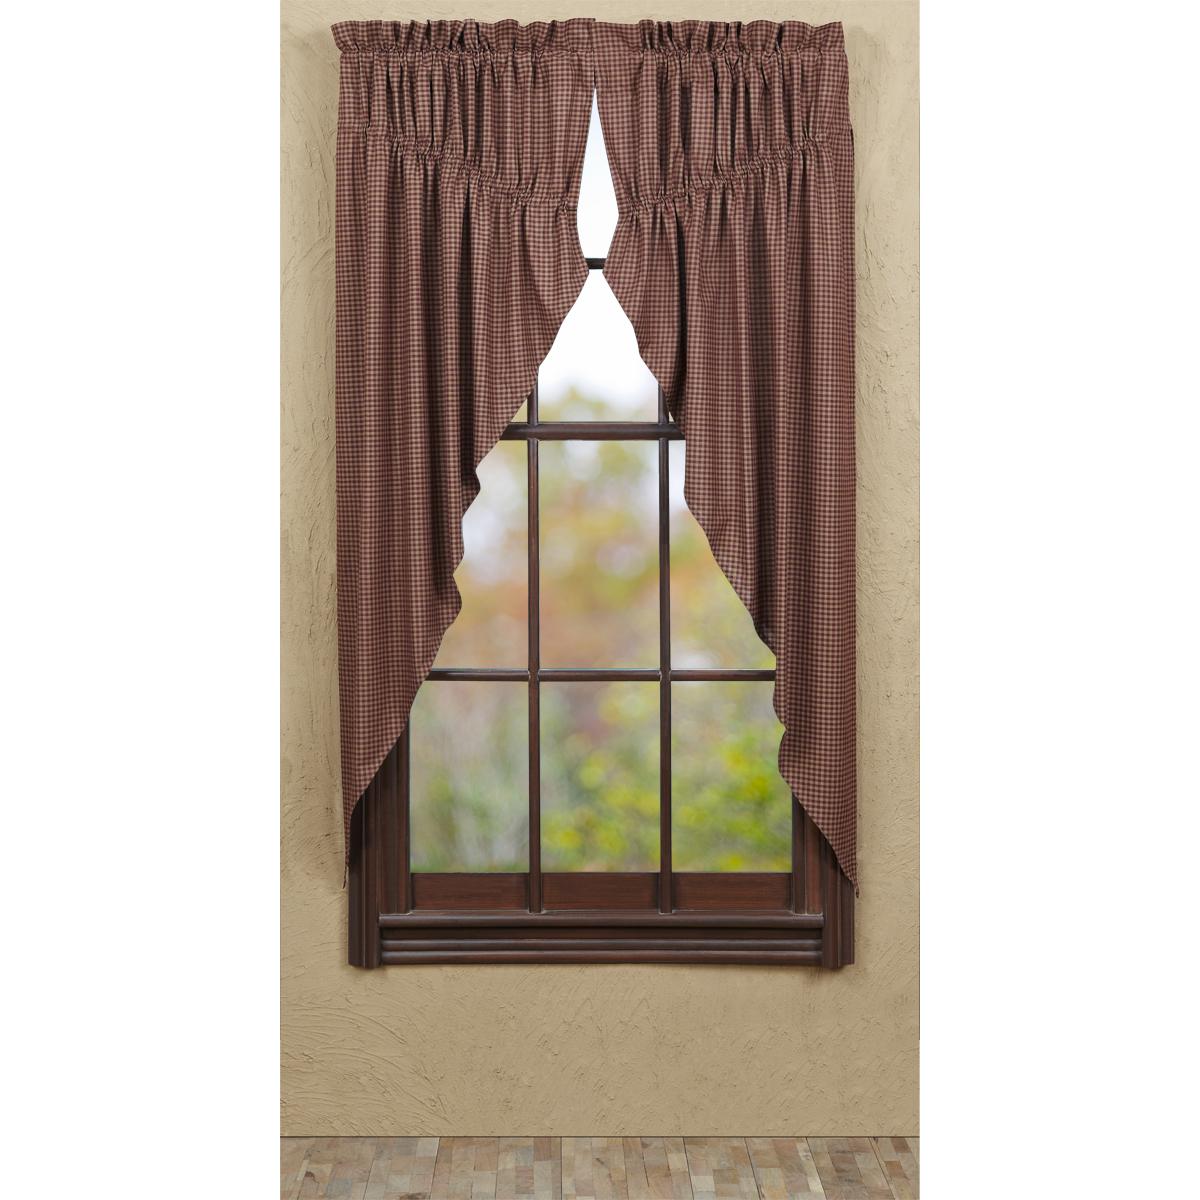 Bancroft Prairie Curtain 63x36x18 - Set of 2